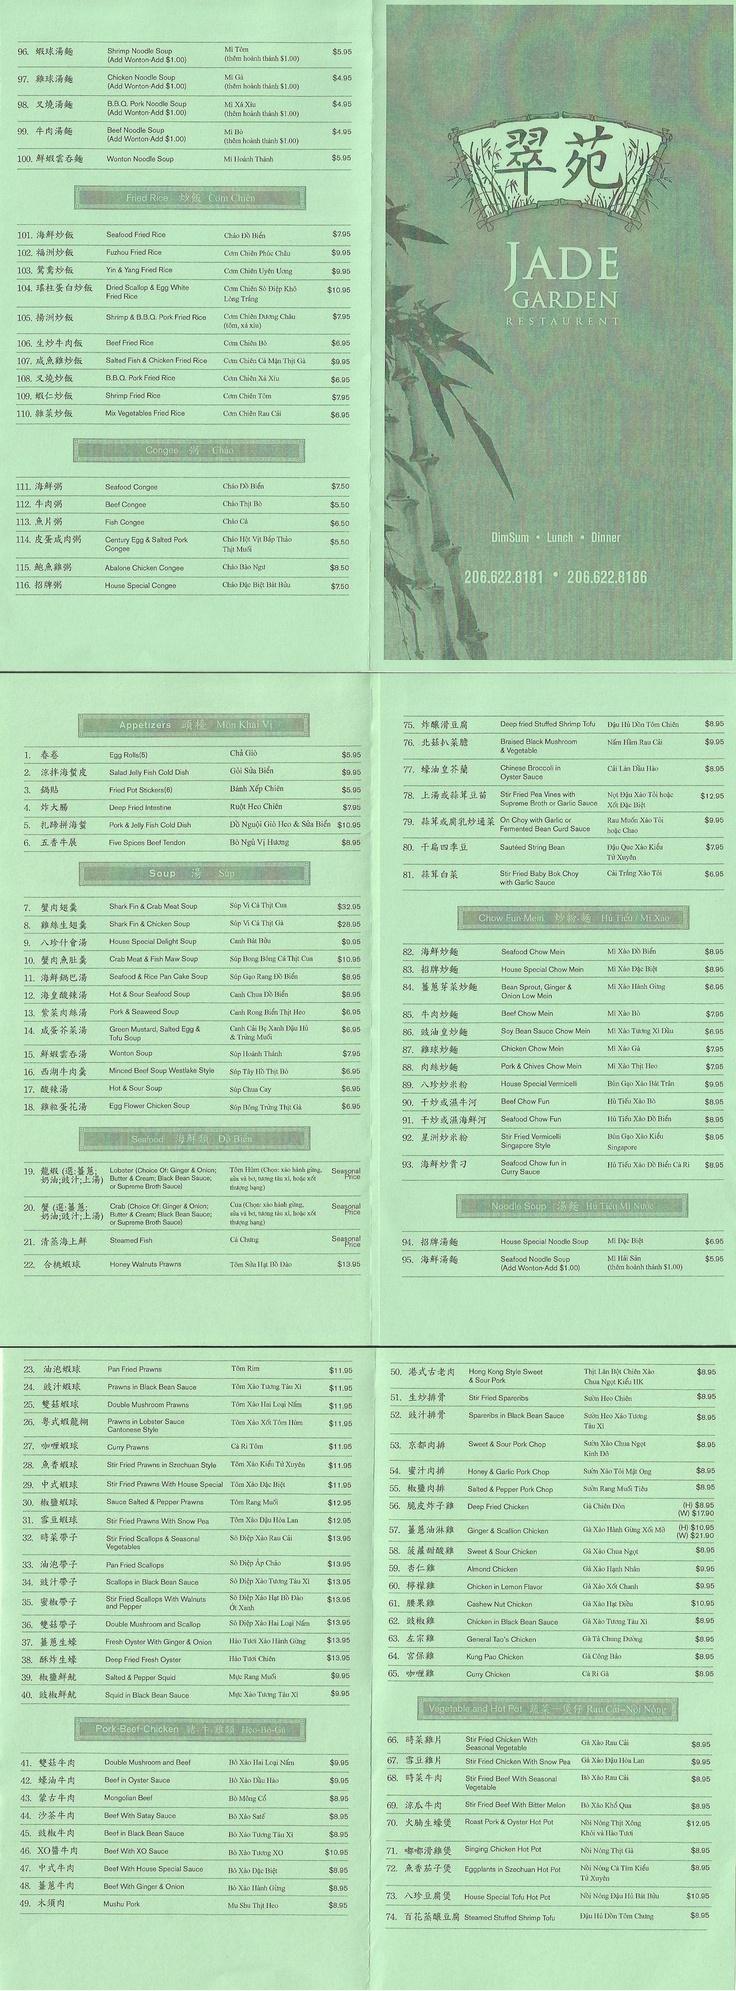 Jade garden restaurant click menu to zoom in